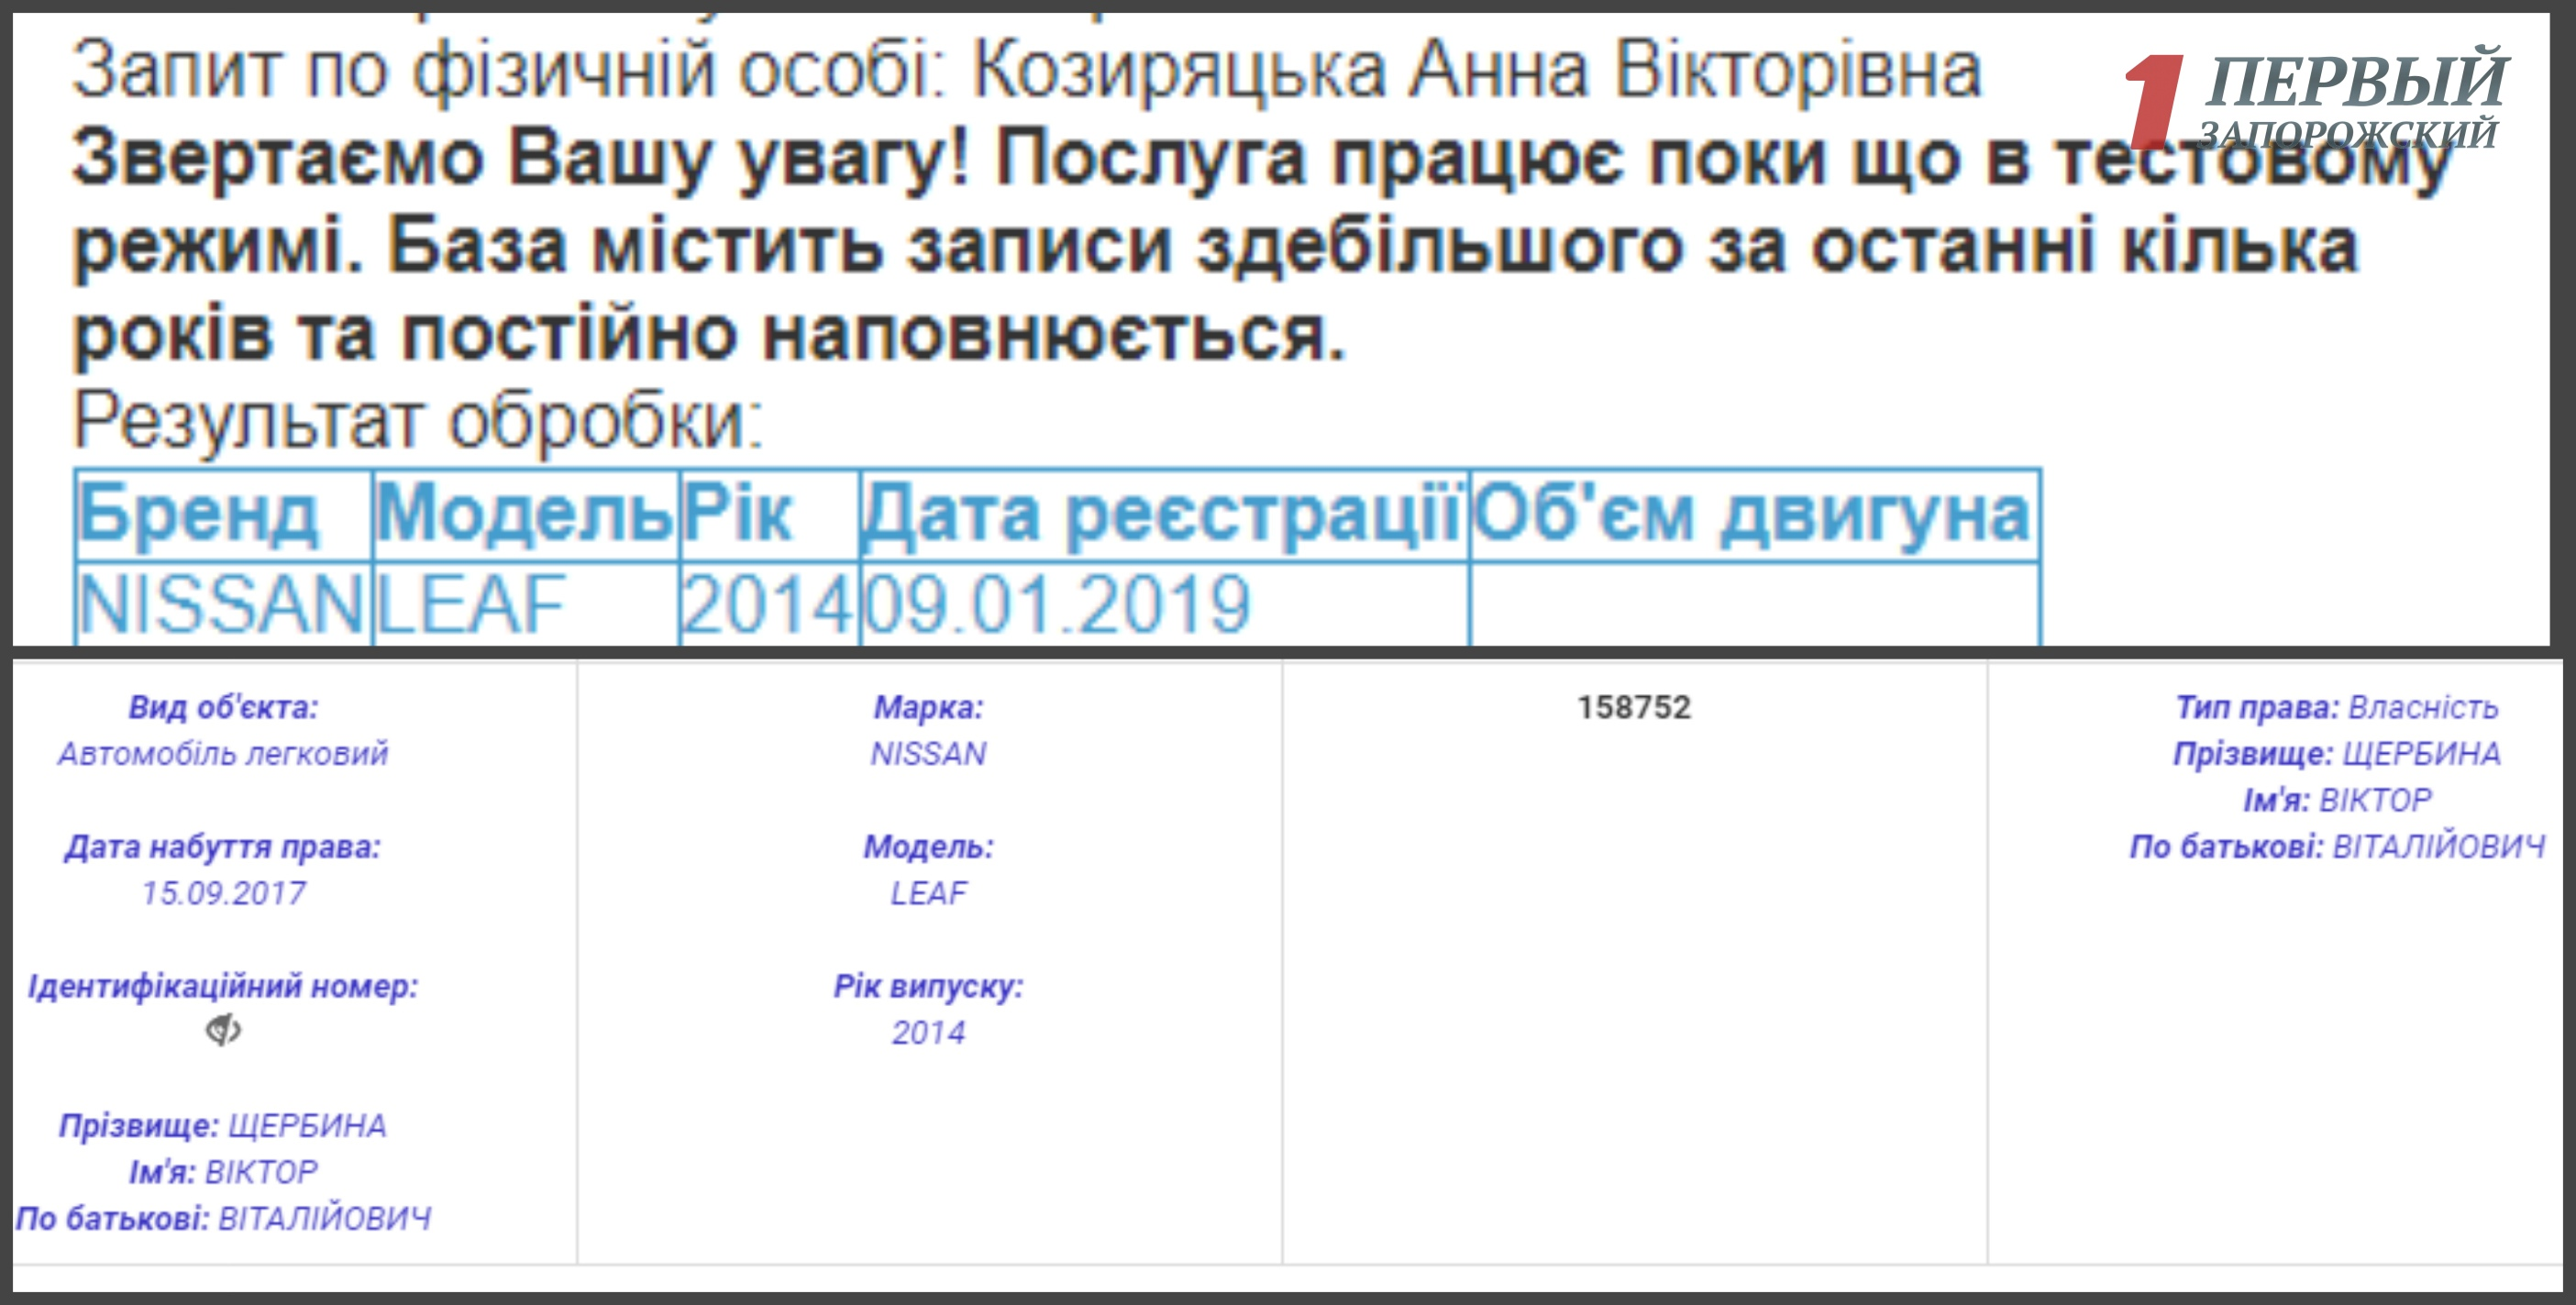 5c443c631a06d_novyy-kollazh